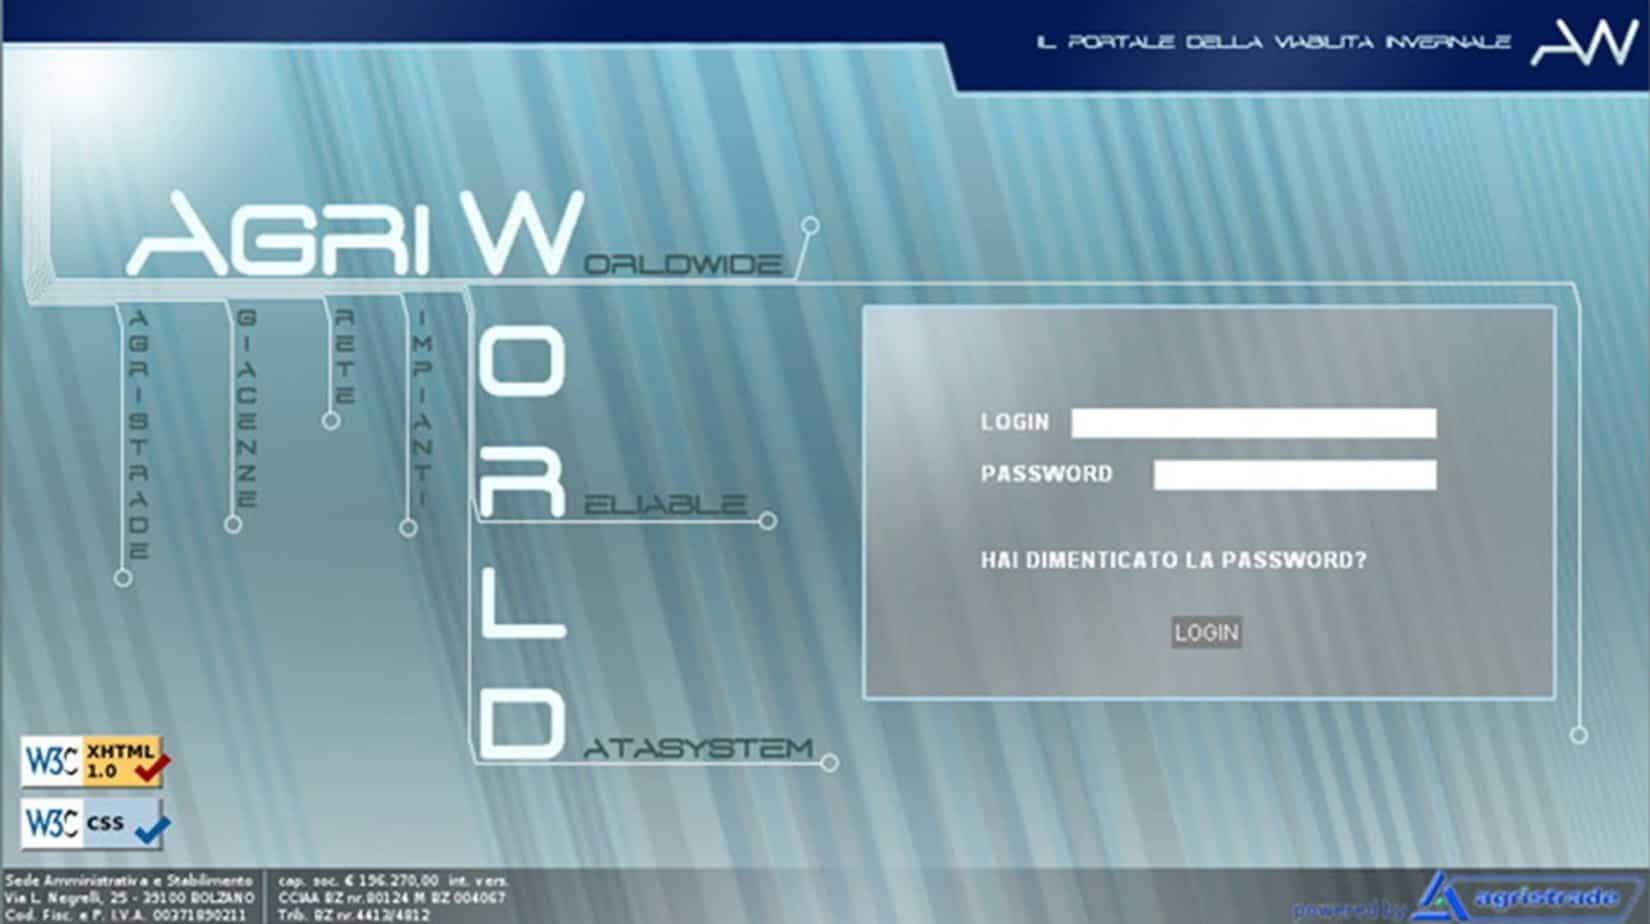 La pagina di accesso al portale Agriworld